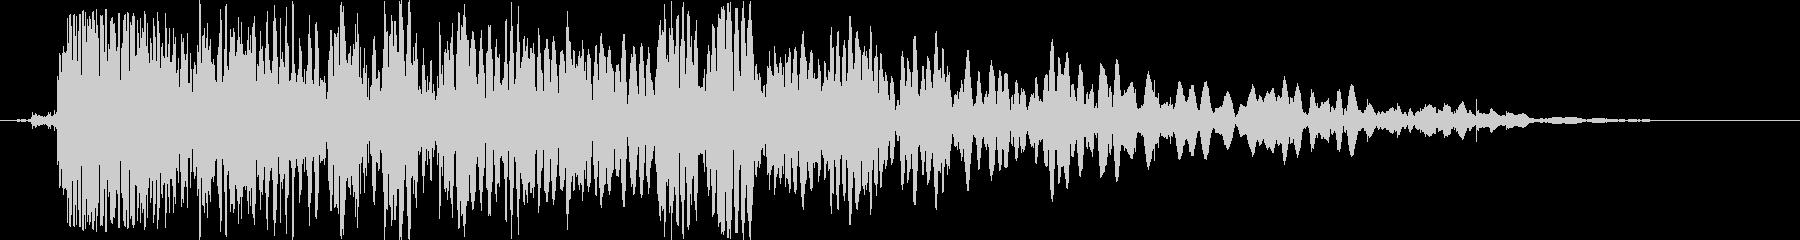 バッテリーラム:シングルスローイン...の未再生の波形